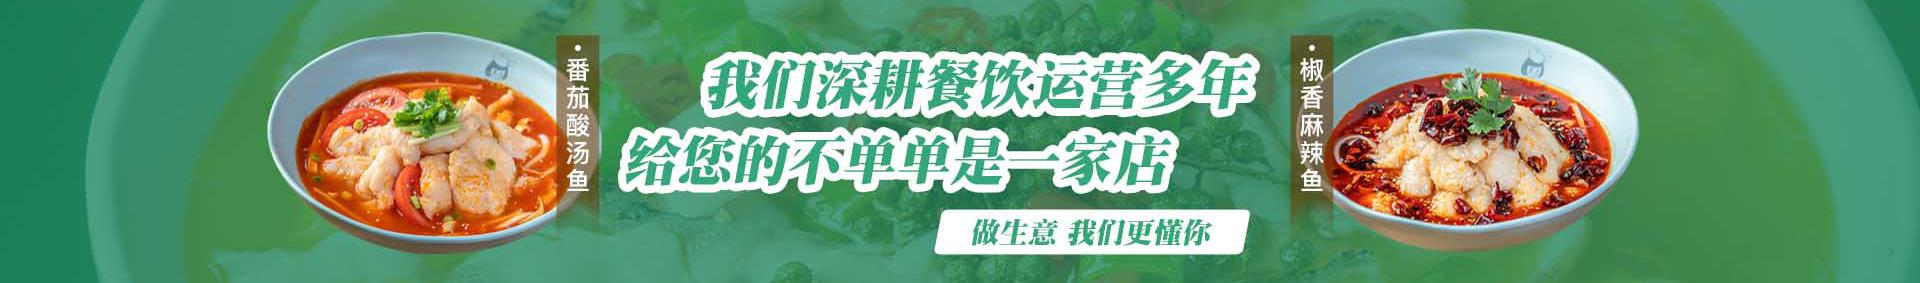 酸小七果味酸汤鱼新版详情页_16